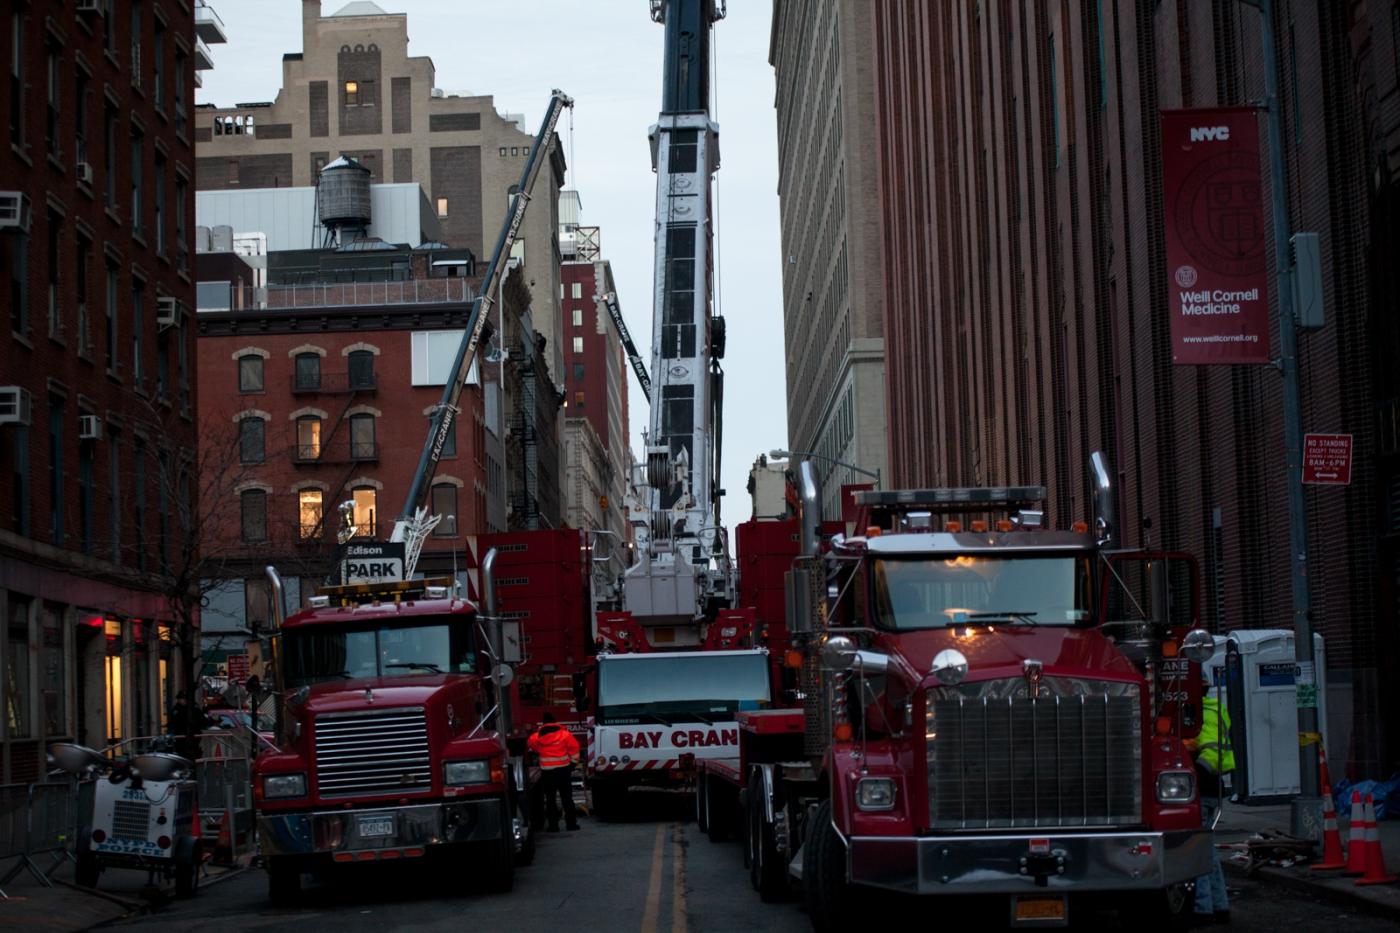 塔吊倾倒第二天傍晚的事故现场